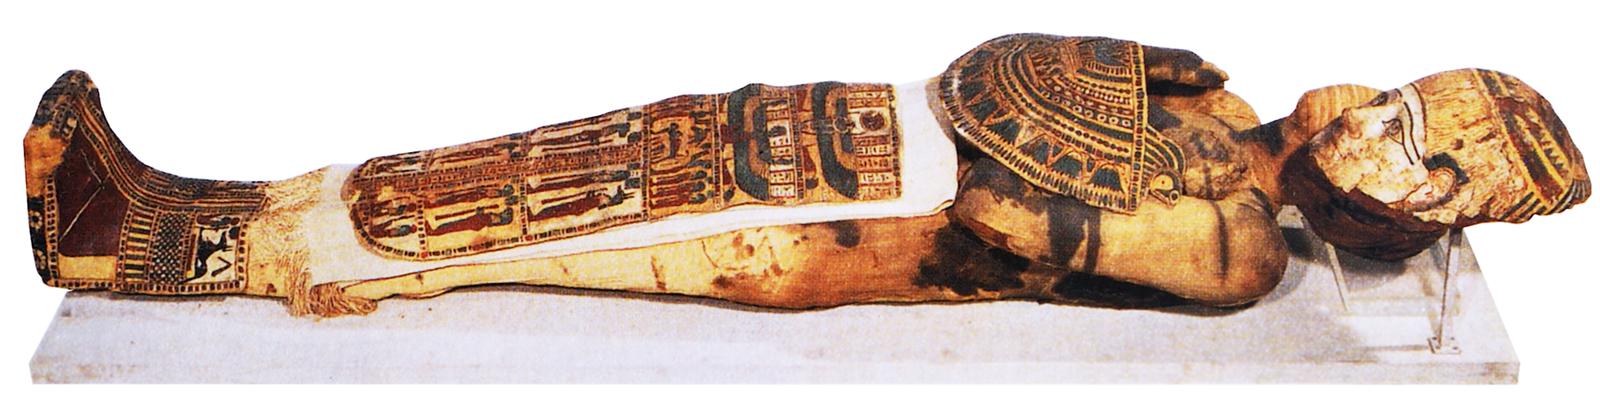 Mumia mężczyzny zIII-II wieku p.n.e.,obecnieprzechowywana wLuwrze wParyżu Mumia mężczyzny zIII-II wieku p.n.e.,obecnieprzechowywana wLuwrze wParyżu Źródło: Musée du Louvre, tylko do użytku edukacyjnego.